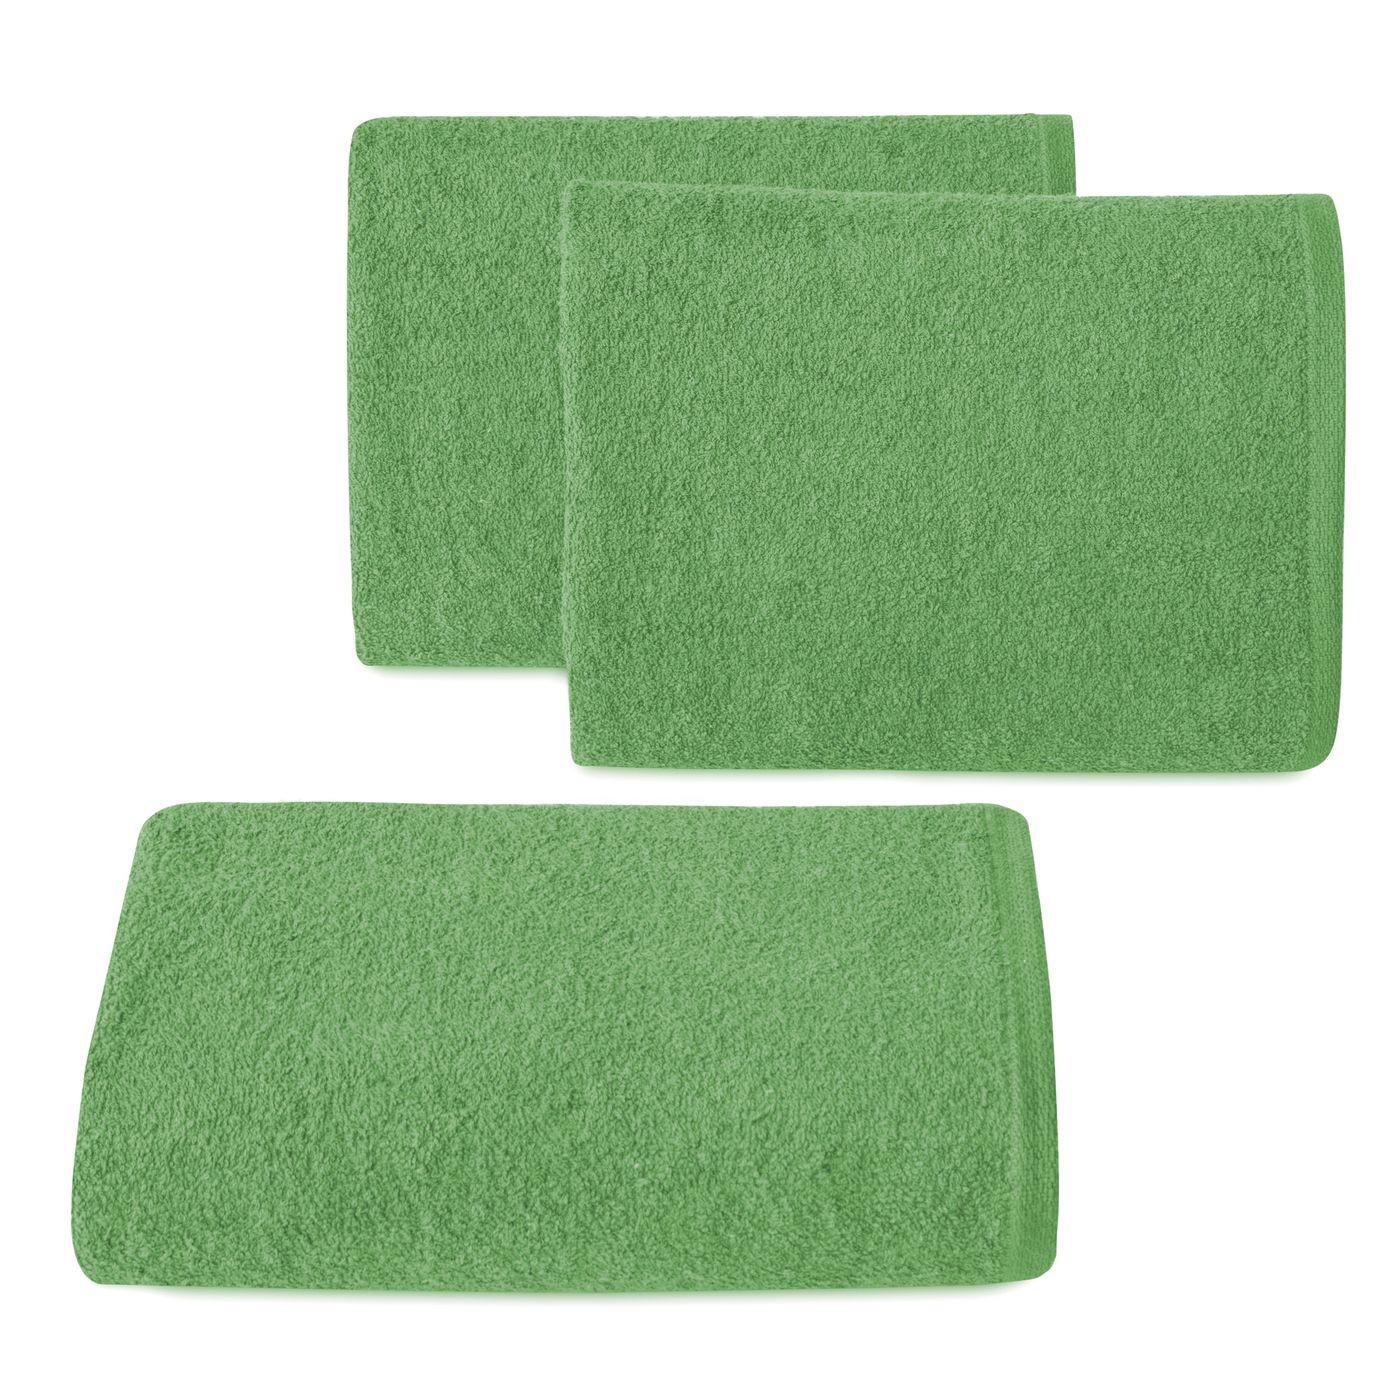 Ręcznik z bawełny gładki zielony 50x90cm